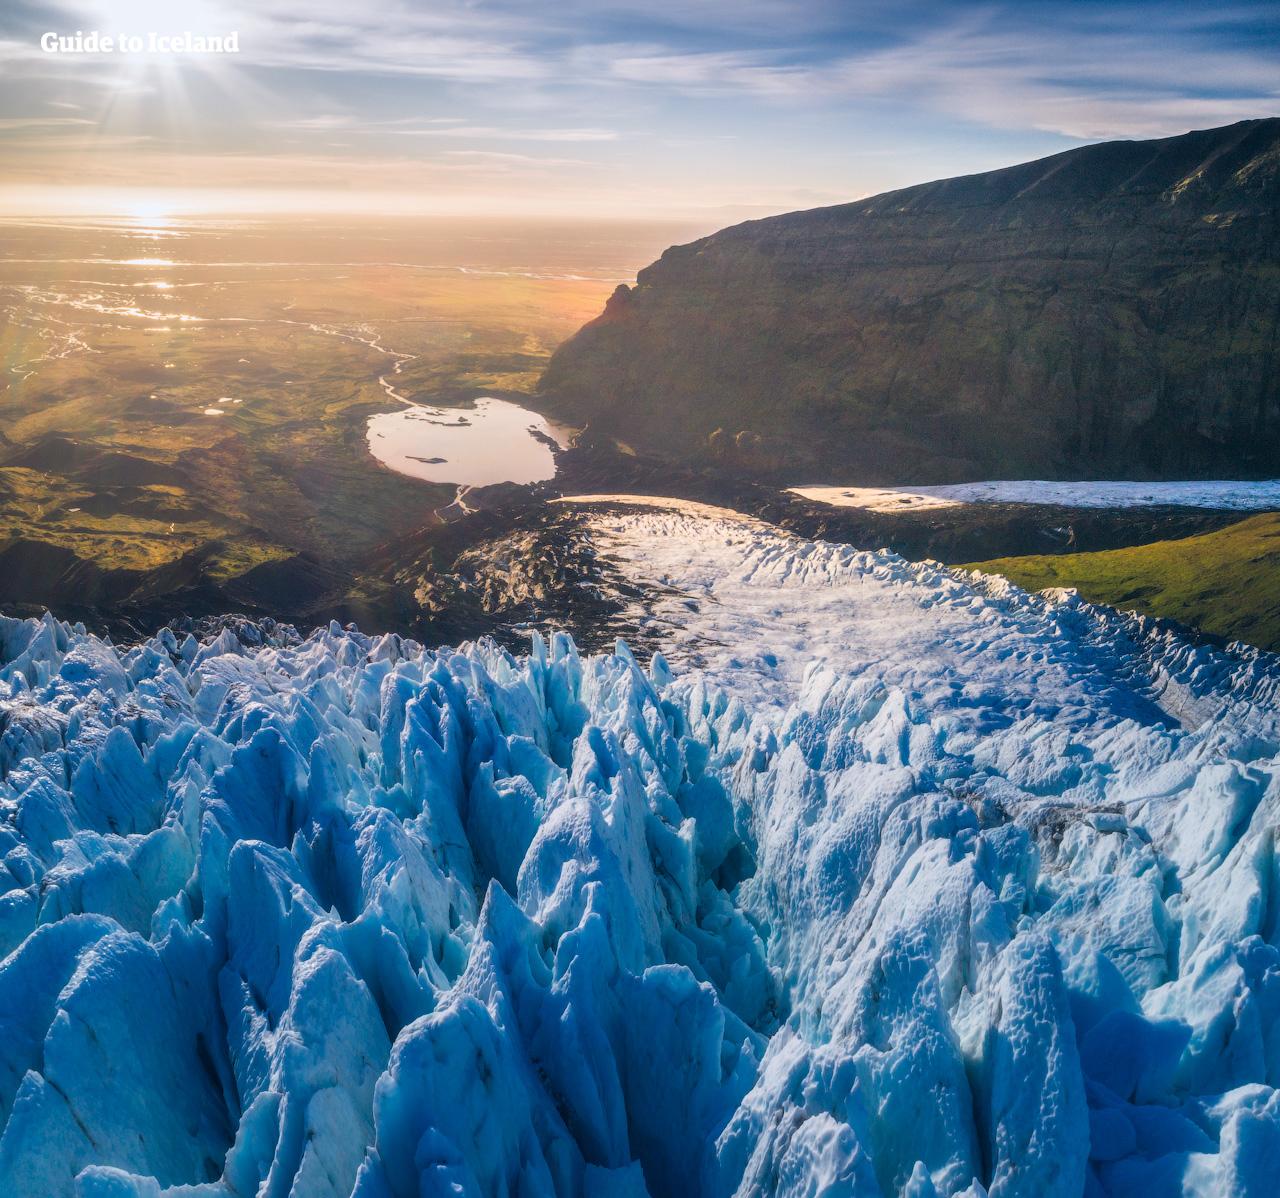 Podróżuj po południowym wybrzeżu Islandii w trakcie wycieczki objazdowej latem i zobacz czarne piaski, białe lodowce oraz zieloną roślinność.